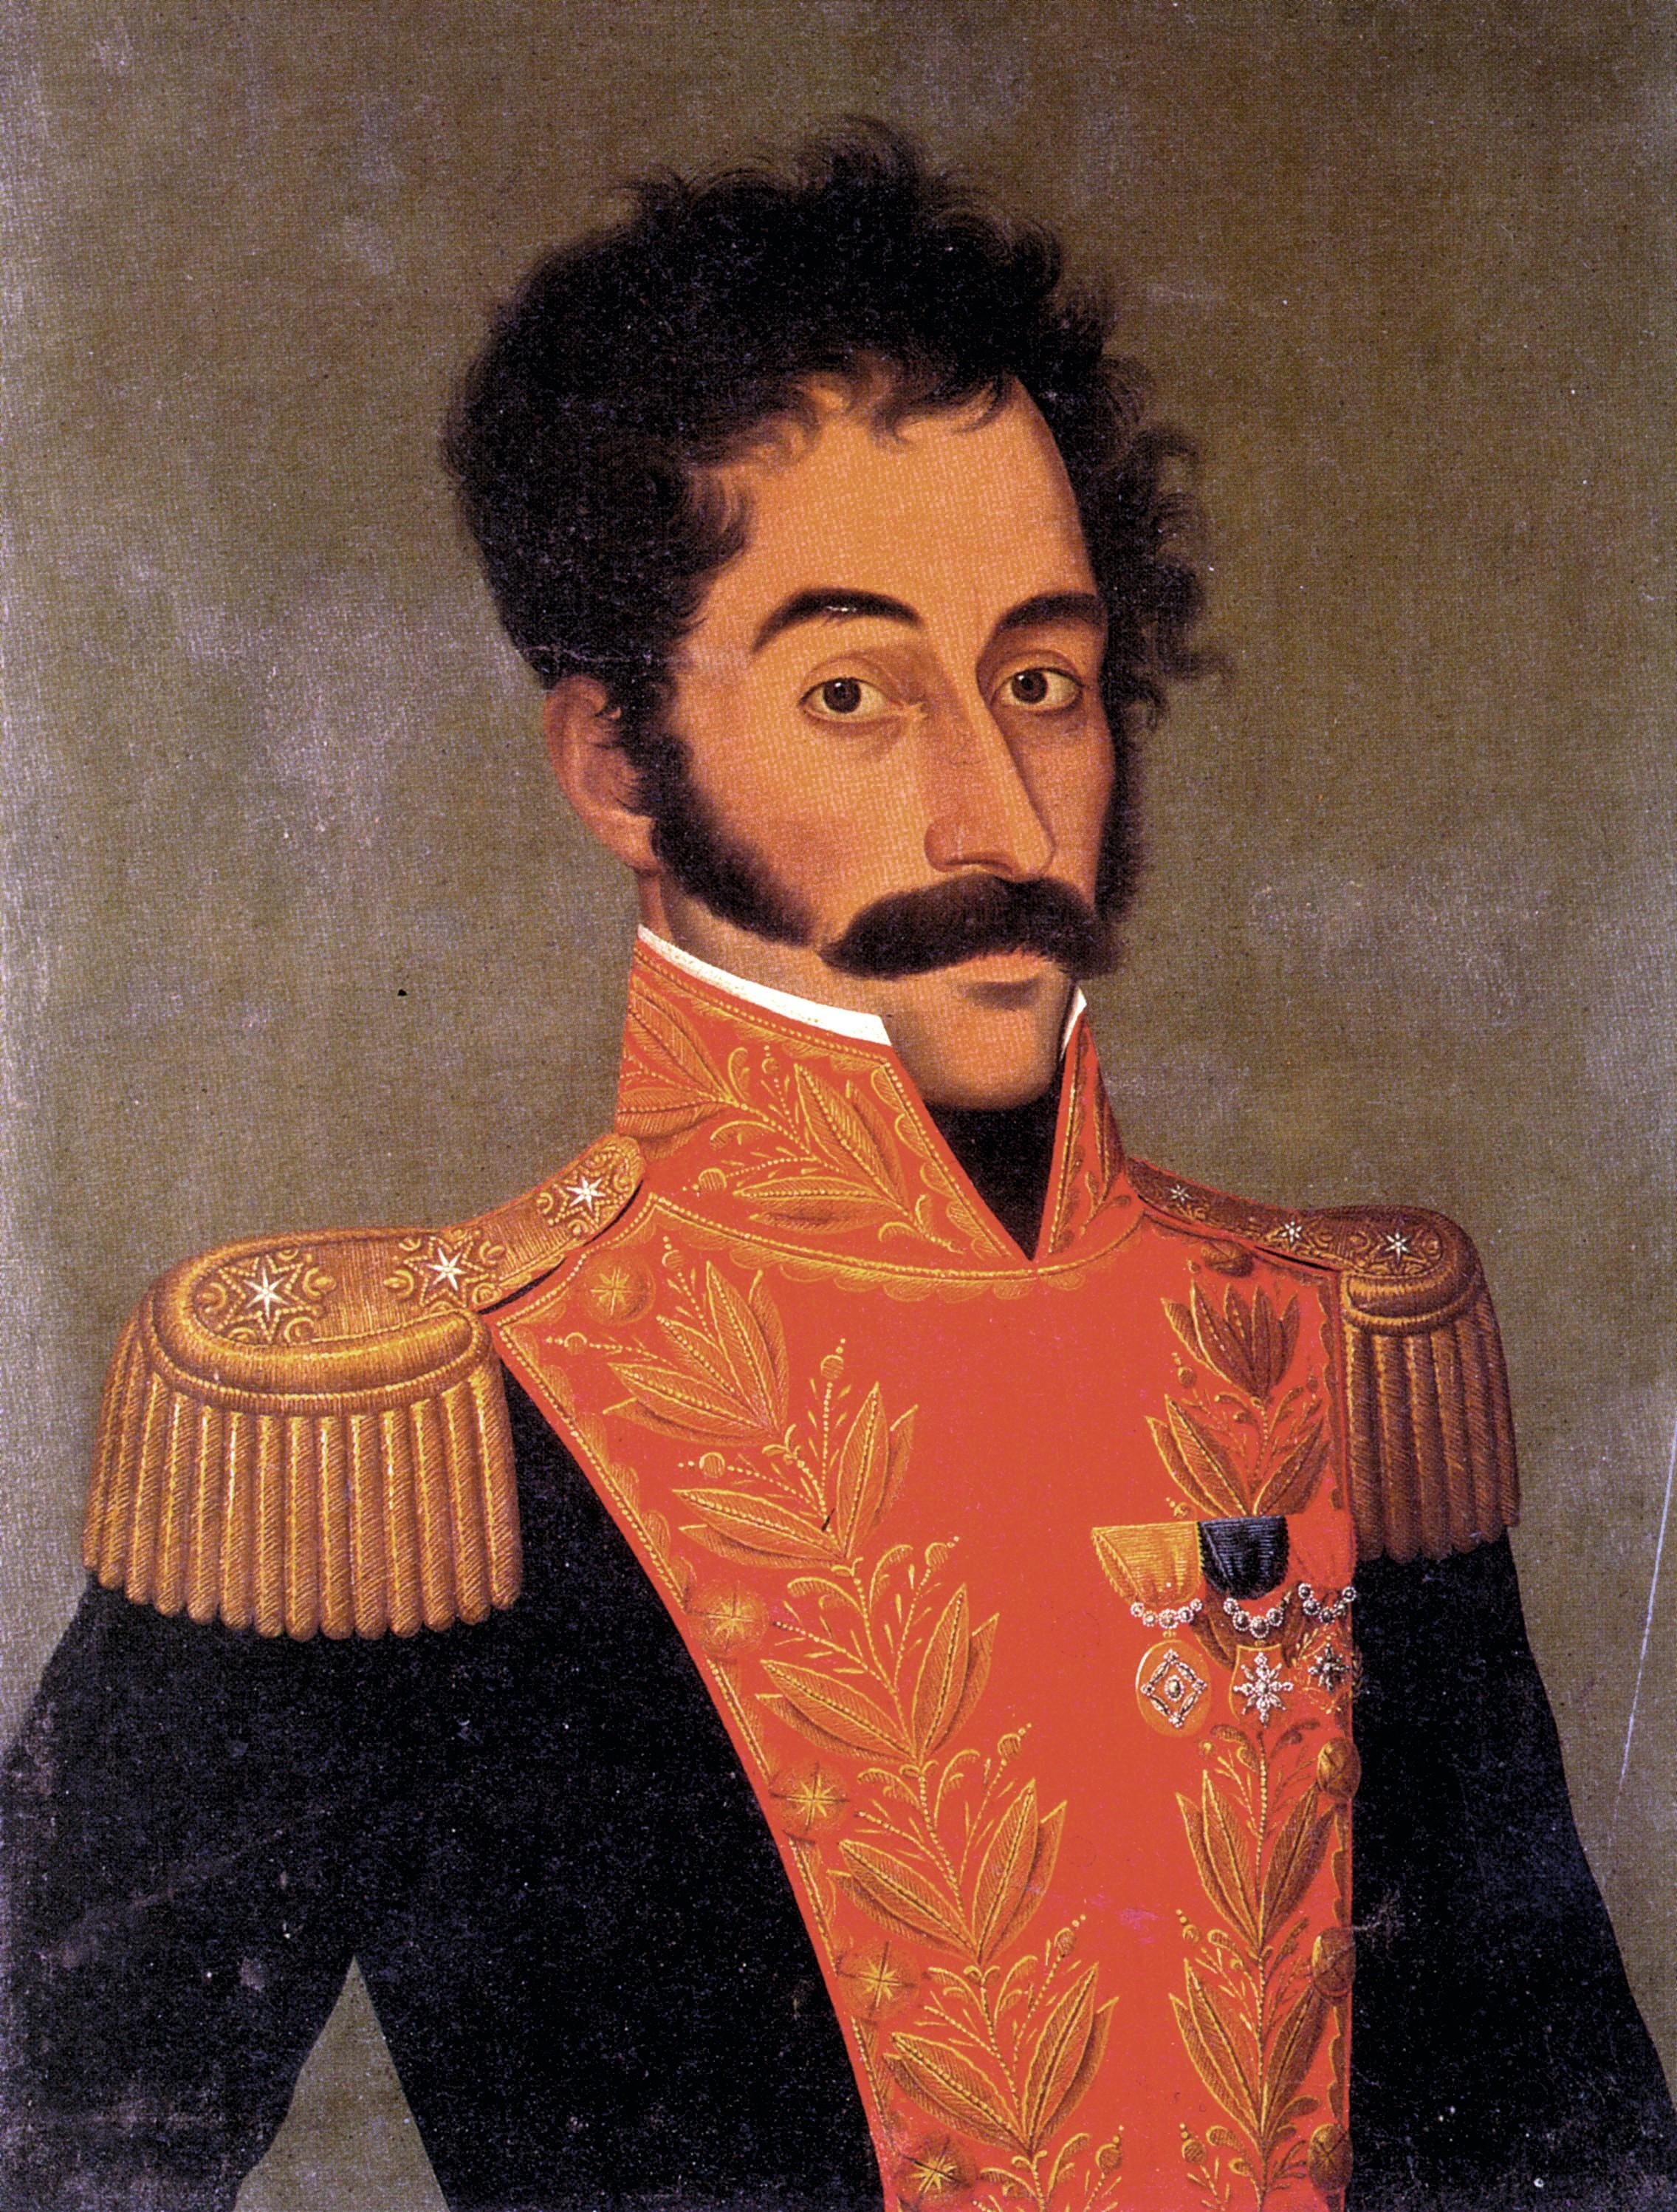 Pablo Bernasconi, Reinterpretación del retrato de Bolívar para la exposición Bicentenario Pop Bogotá